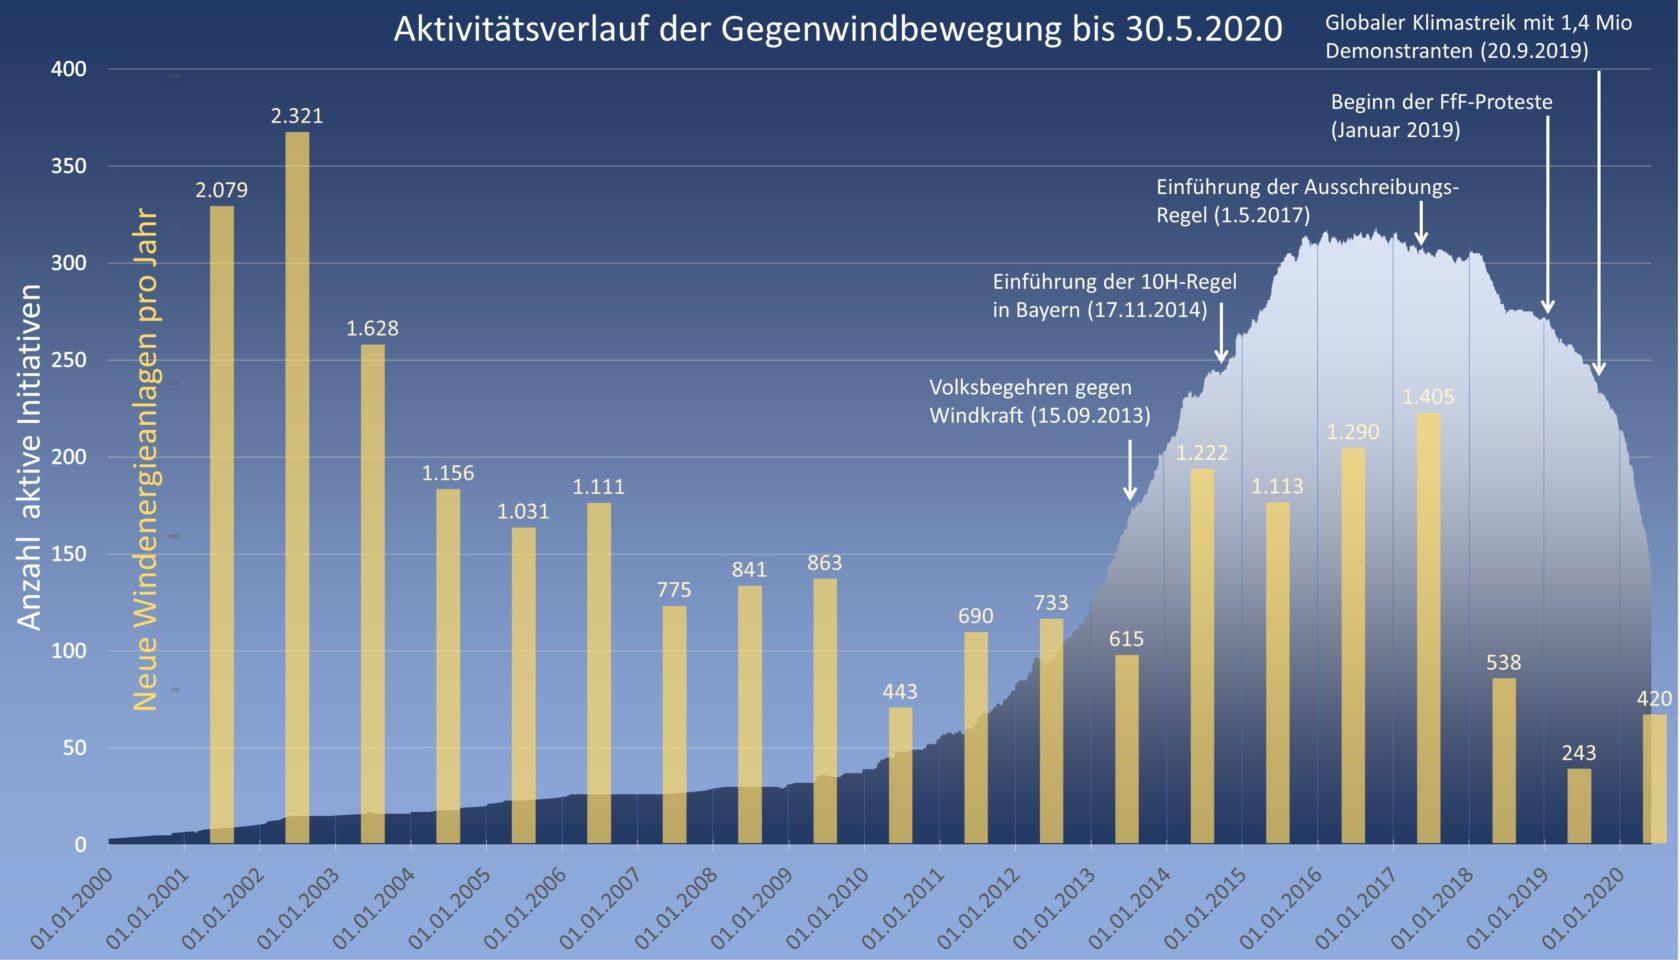 Aktivitätsverlauf der Initiativen zwischen 2000 und 2020, soweit Daten vorliegen